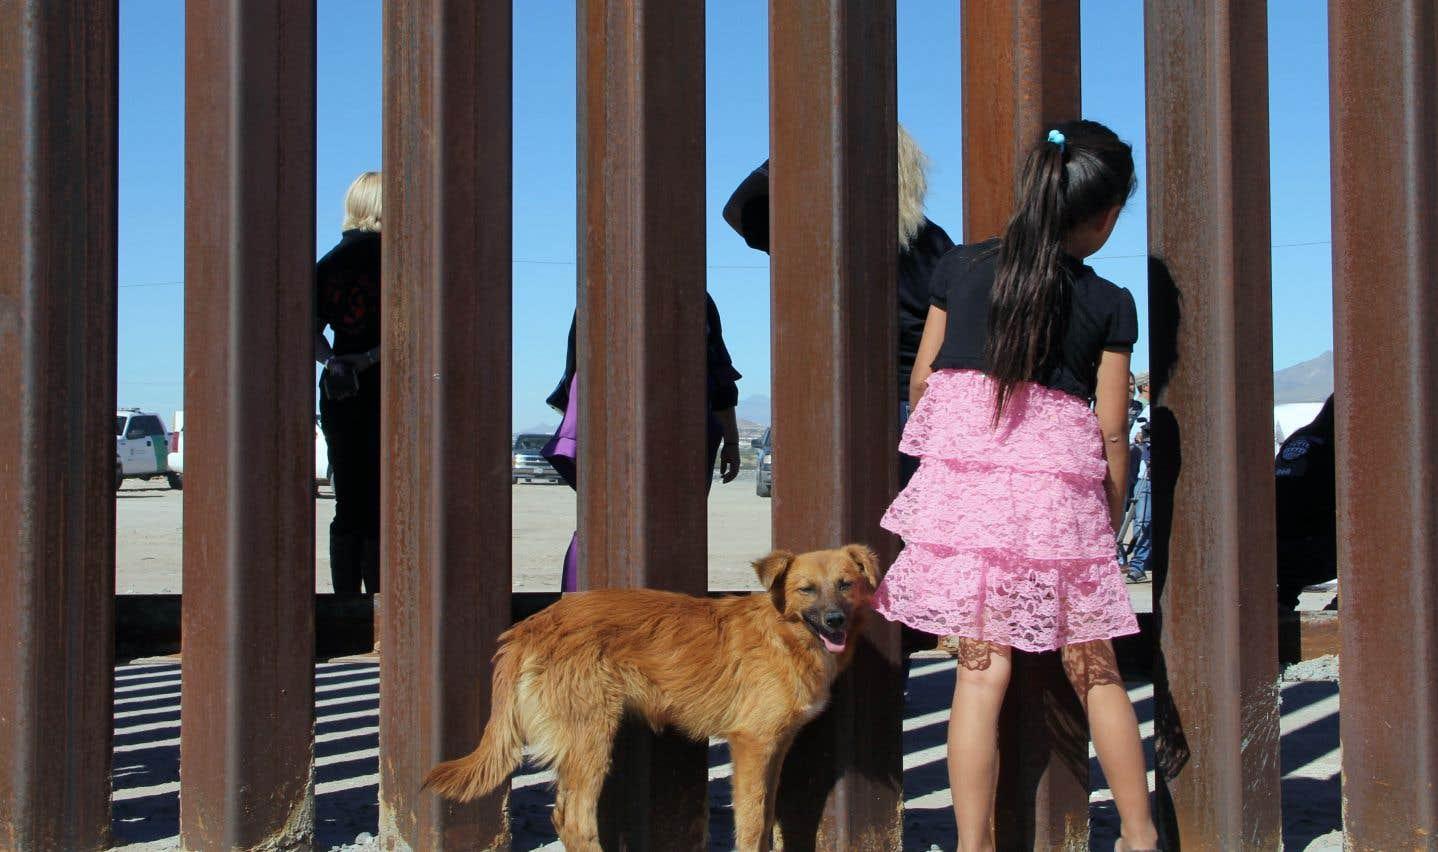 Donald Trump a contre-attaqué en affirmant non seulement que le mur se fera, mais en réitérant que c'est le Mexique qui payera.